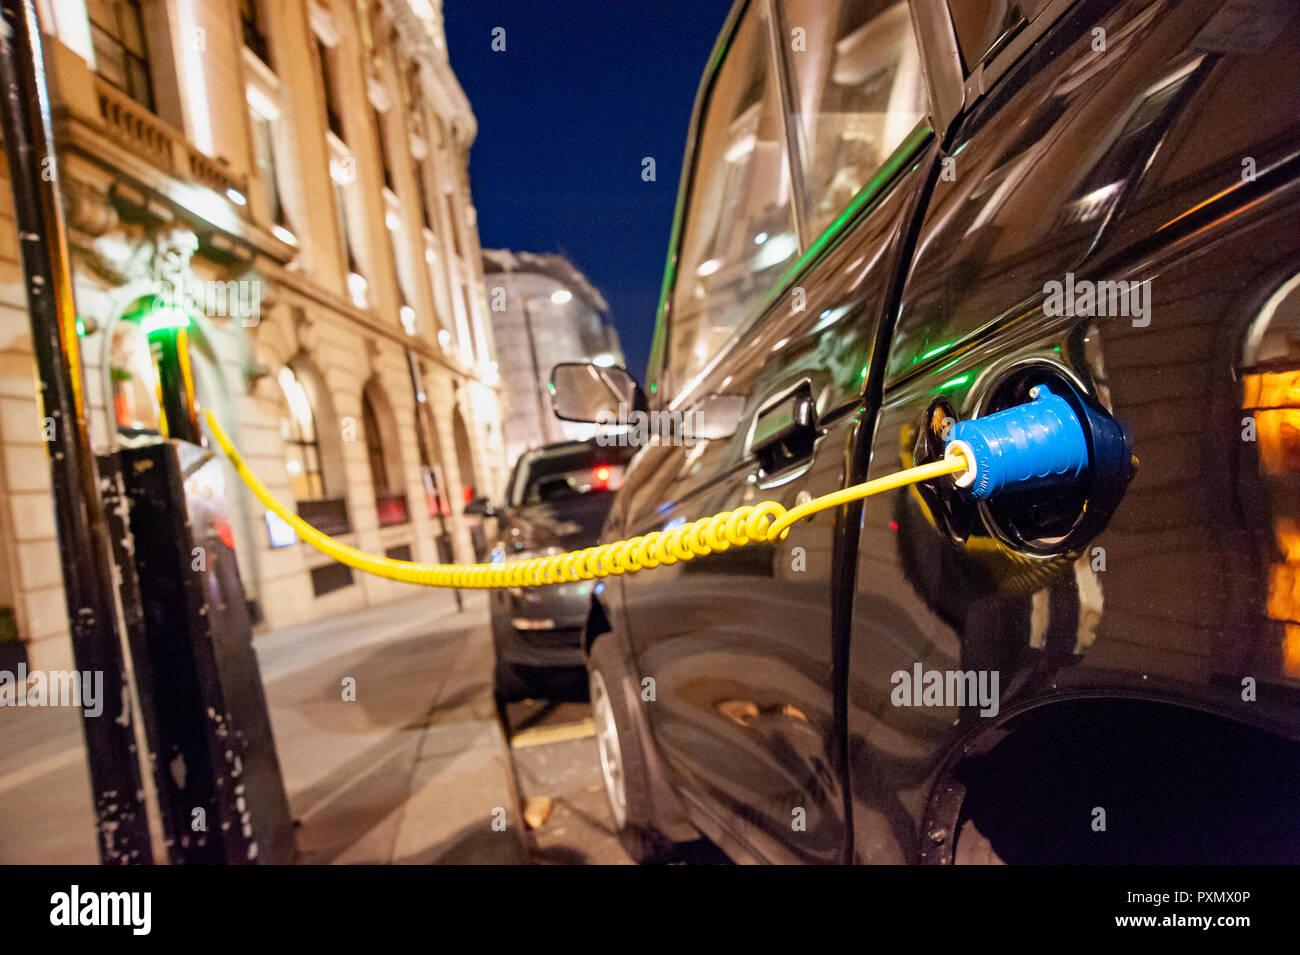 Auto elettrica carica presso un punto di succo, UK, Londra Immagini Stock